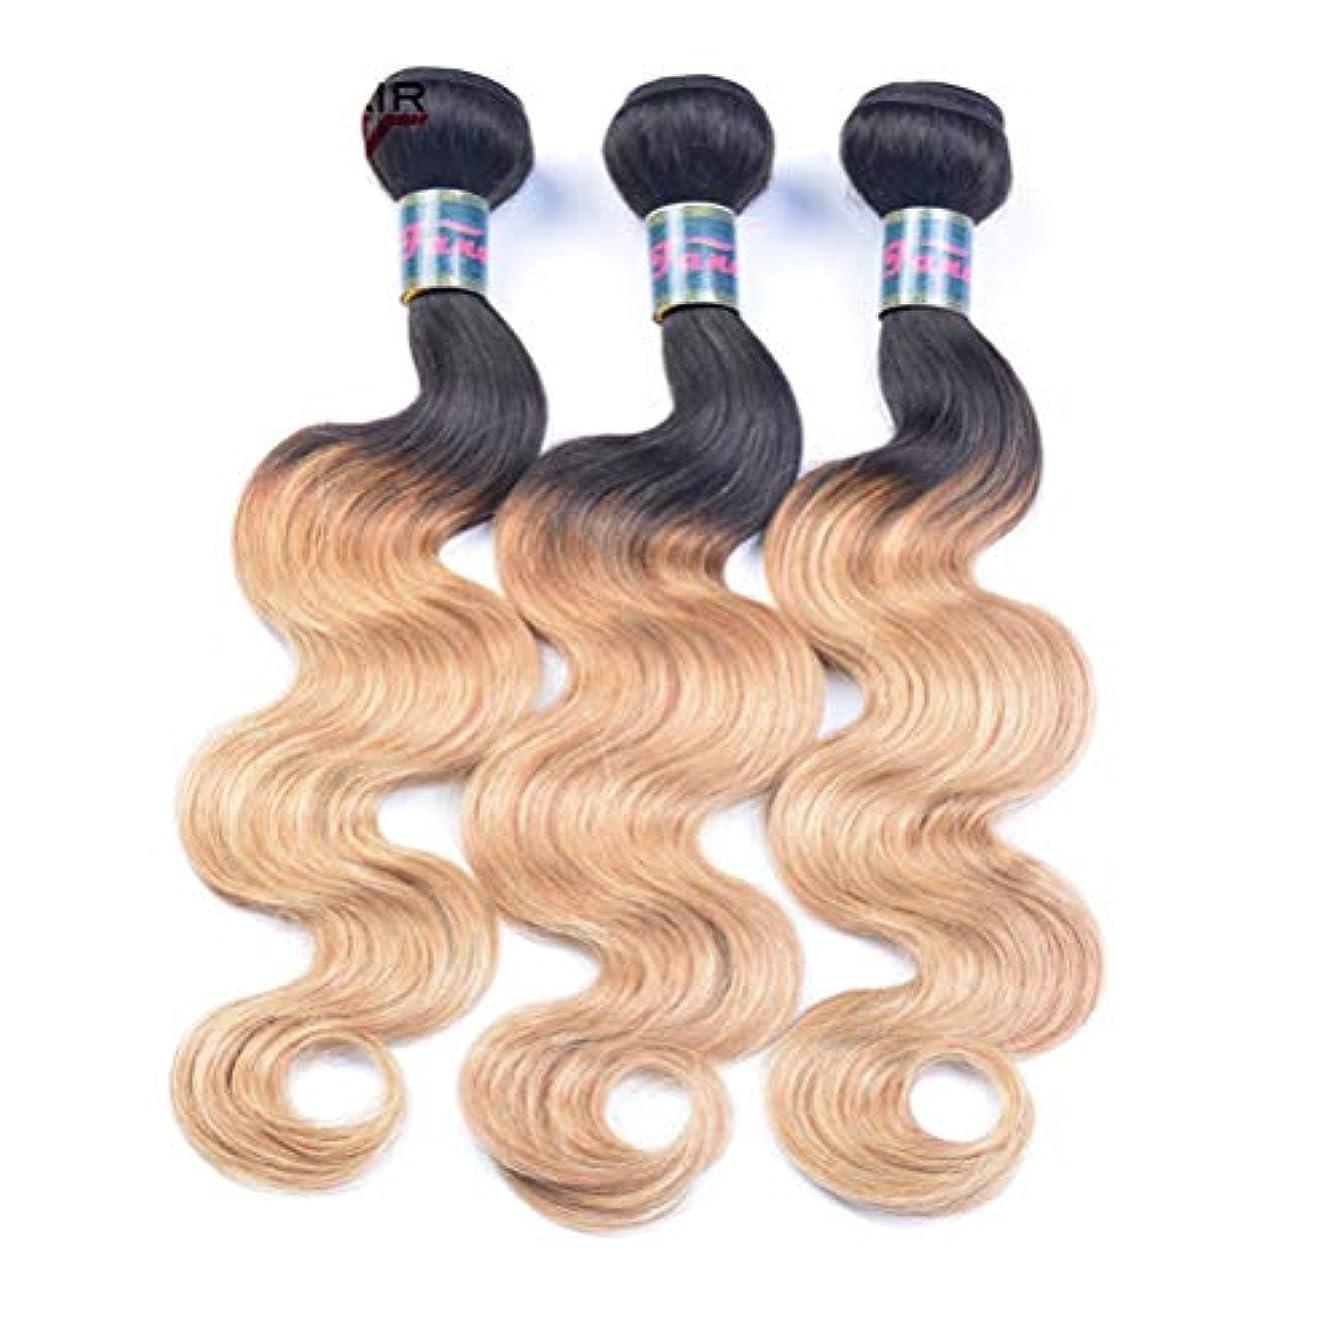 墓ヘビー旋回ブラジルの髪織り髪バンドル実体波1バンドル髪バンドル実体波人間の髪の毛のグラデーション